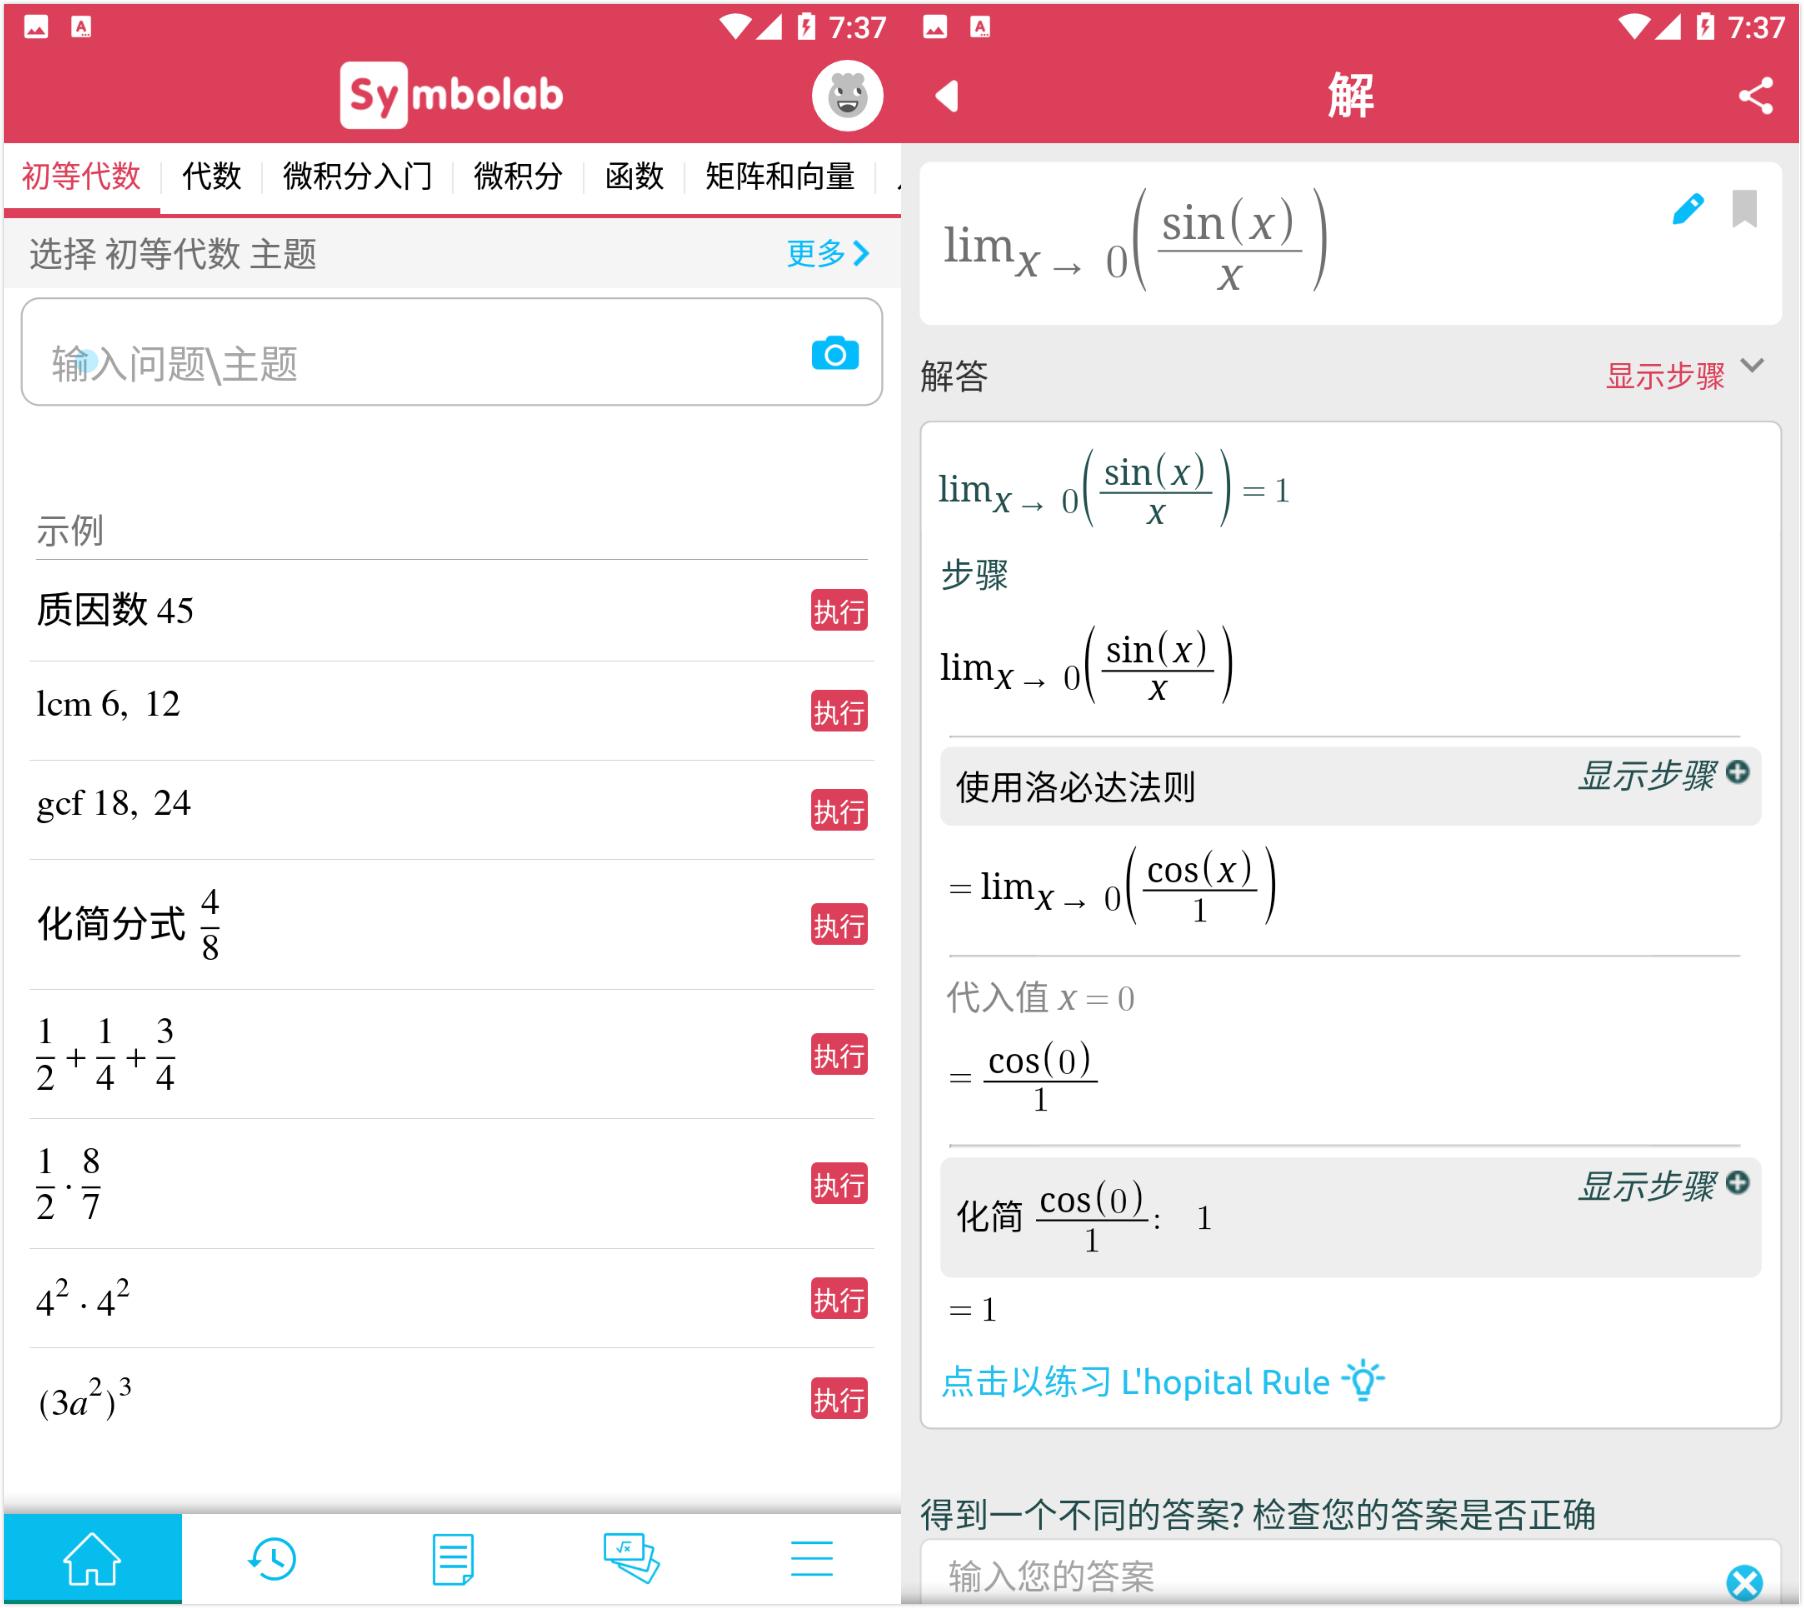 软件推荐[Android]Symbolab8.10.0,理科生必备的高数神器